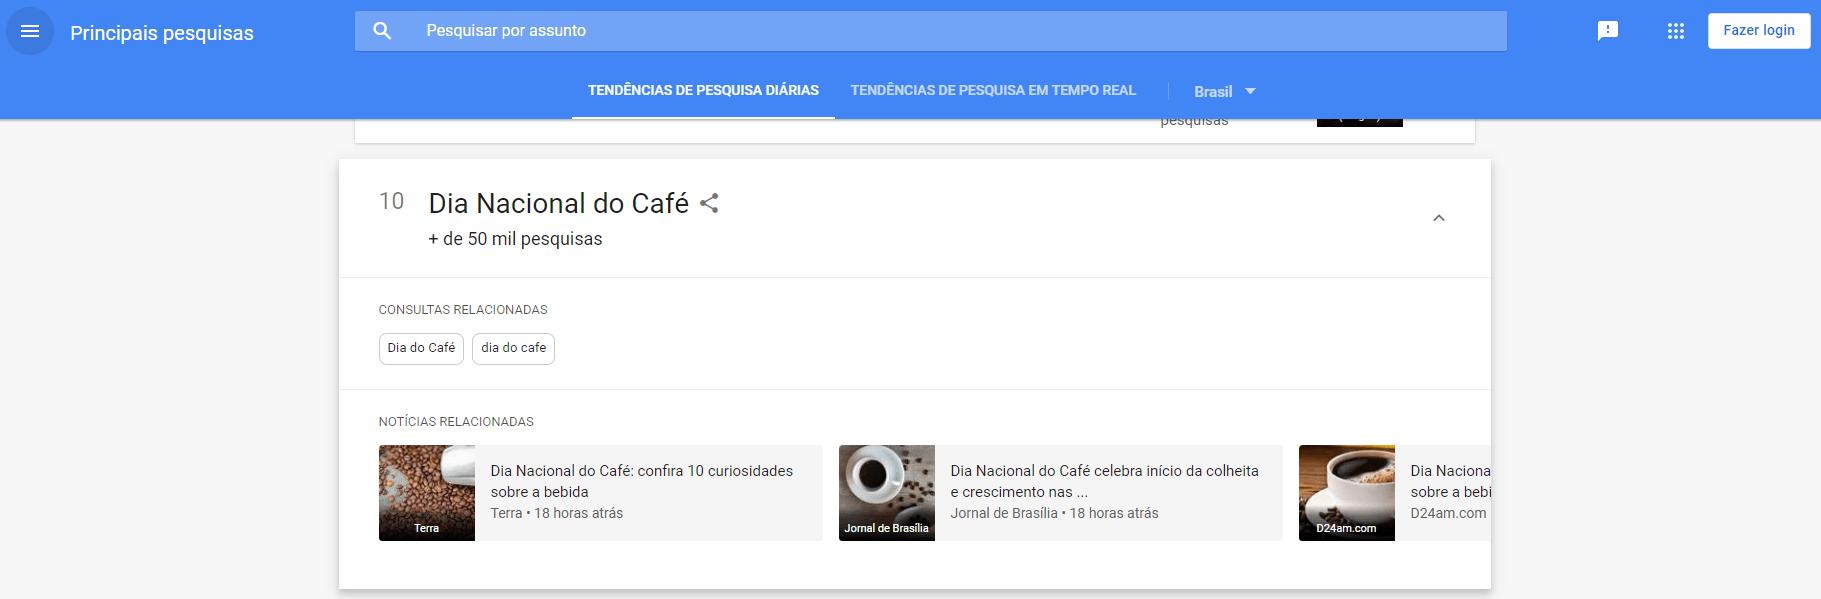 Google Trends e assuntos em alta